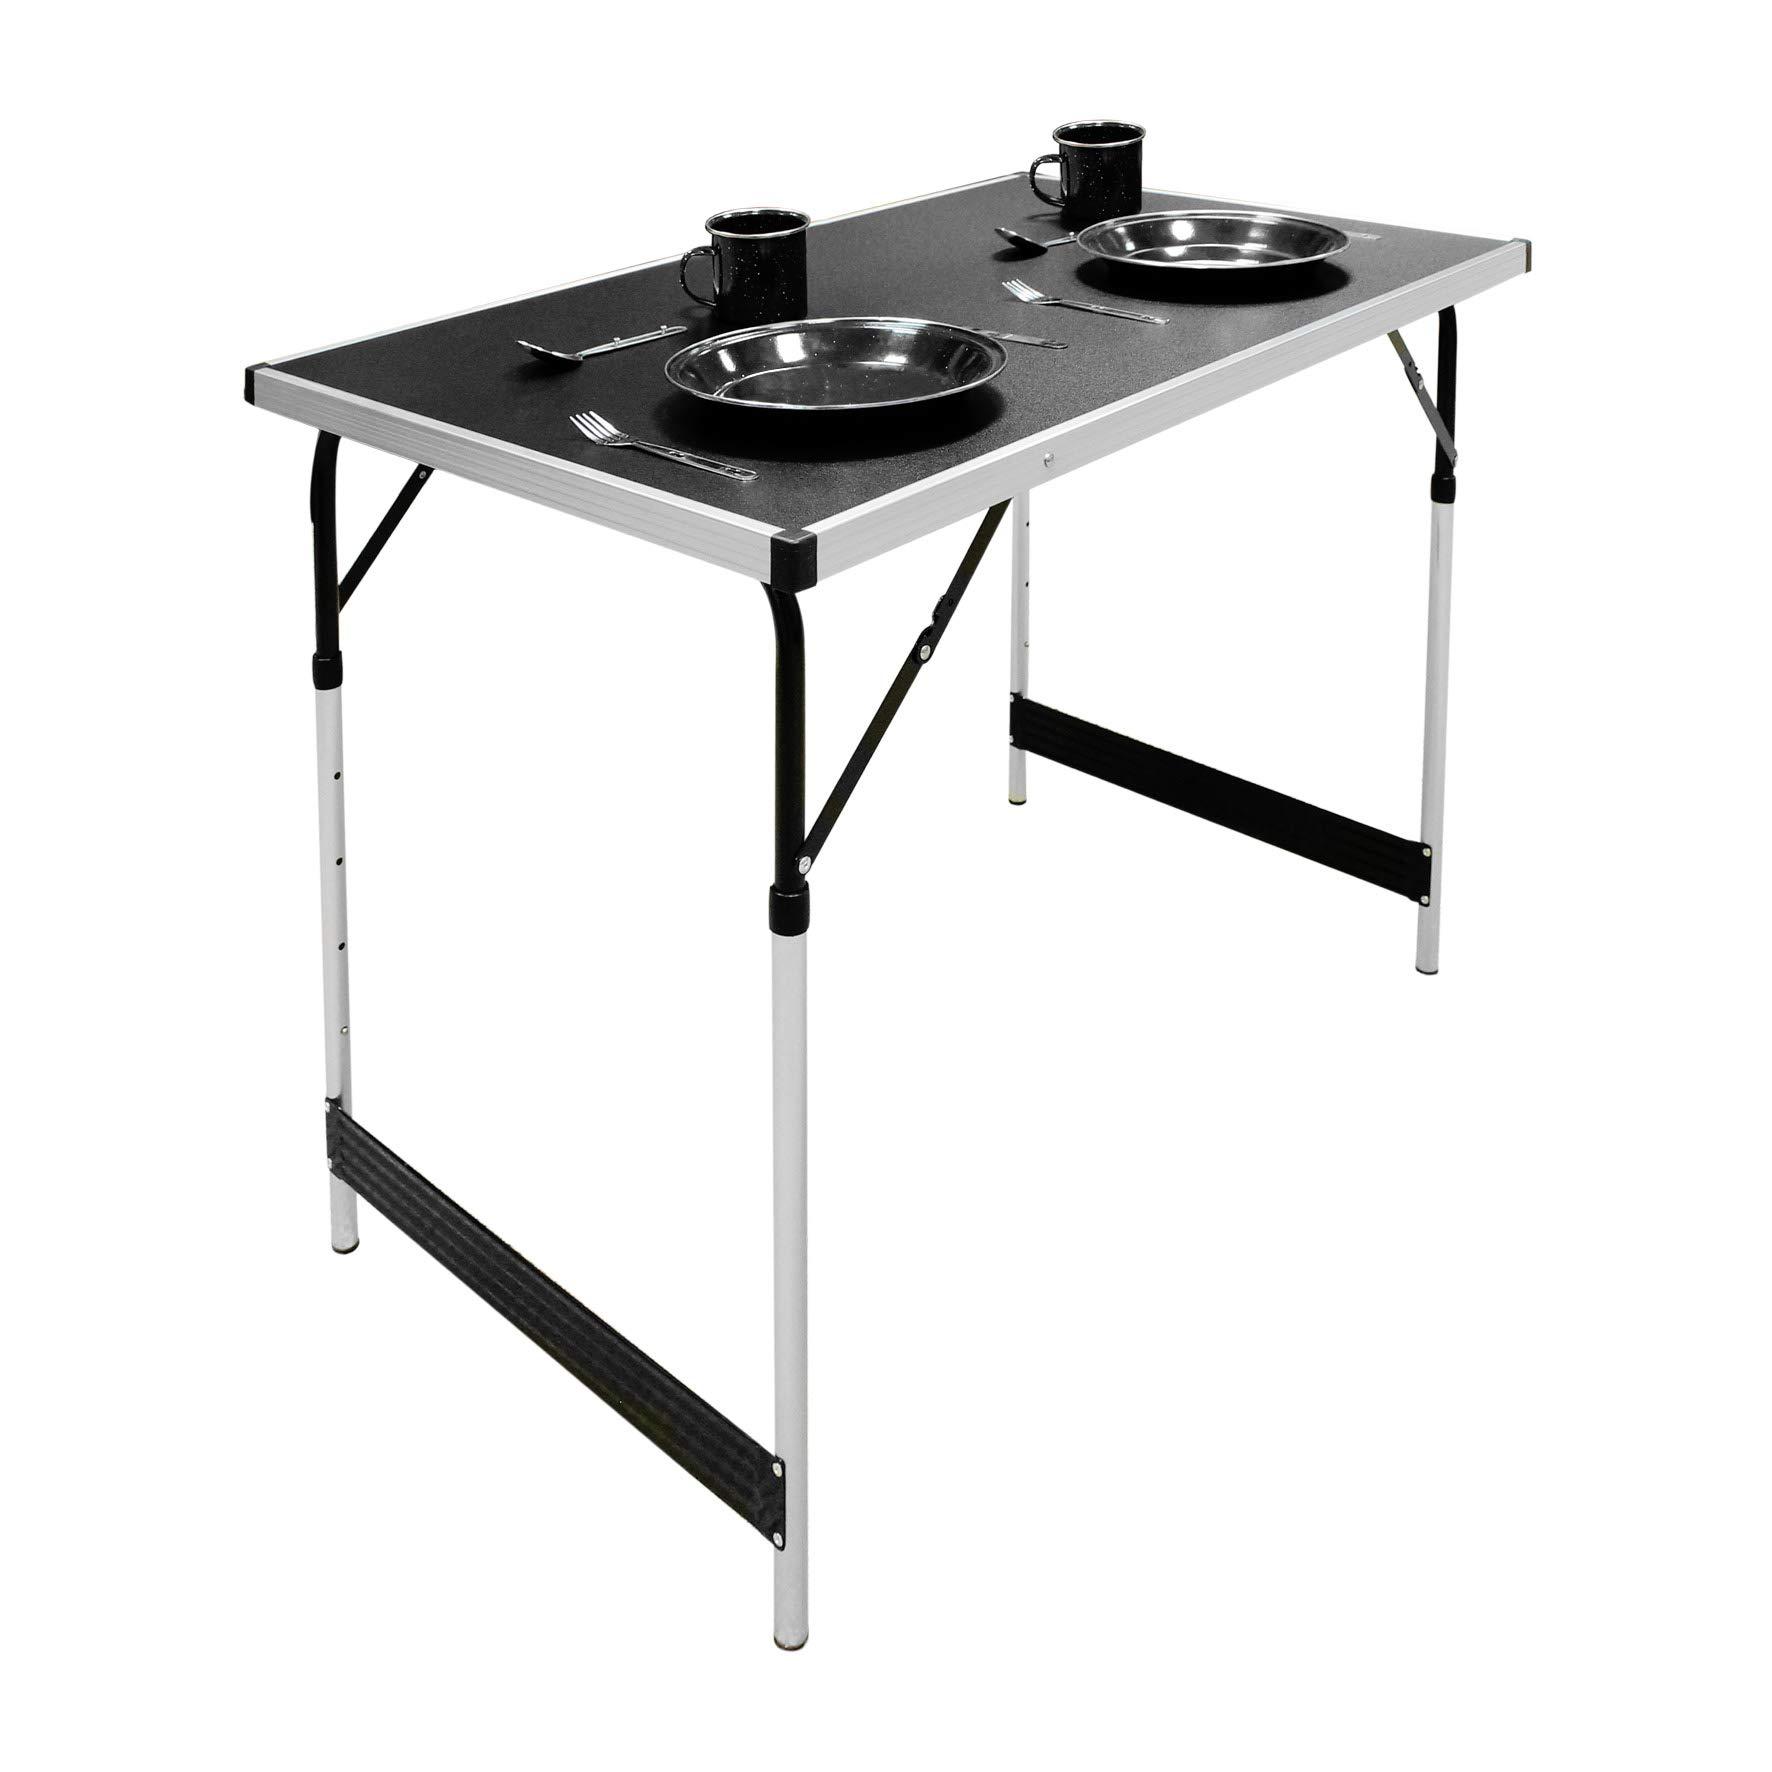 Tavolo Pieghevole In Alluminio.Milestone Tavolo Pieghevole Da Campeggio In Alluminio Colore Nero